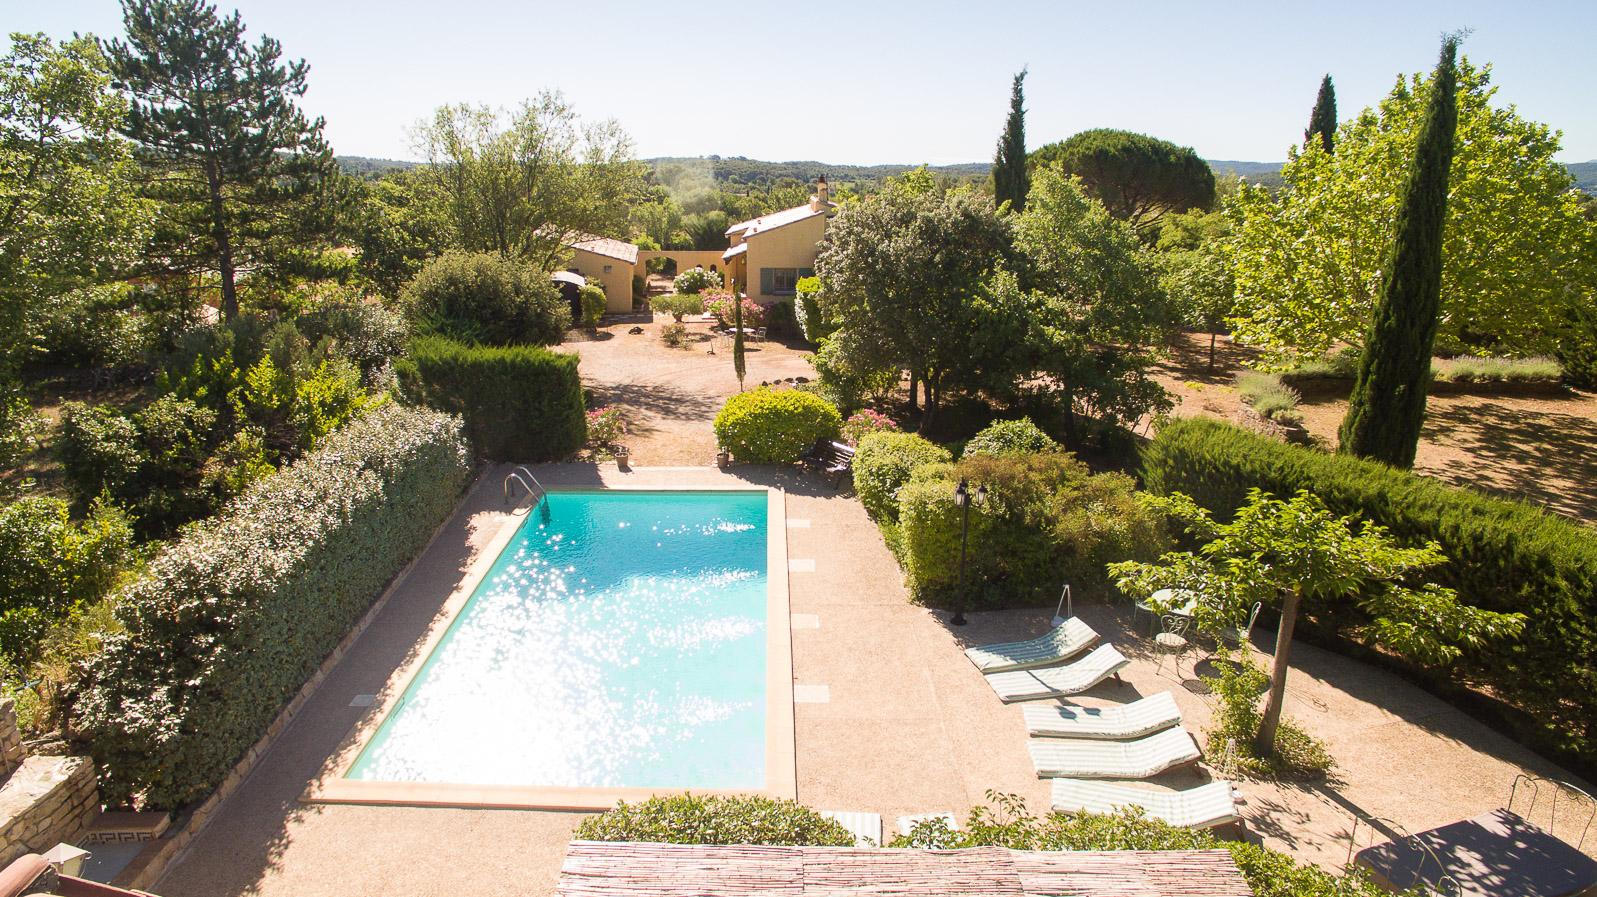 Vakantiehuis: villa confortable pour 8 personnes avec piscine privée sur terrain ombragé , terrasses couvertes. te huur voor uw vakantie in Var (Frankrijk)